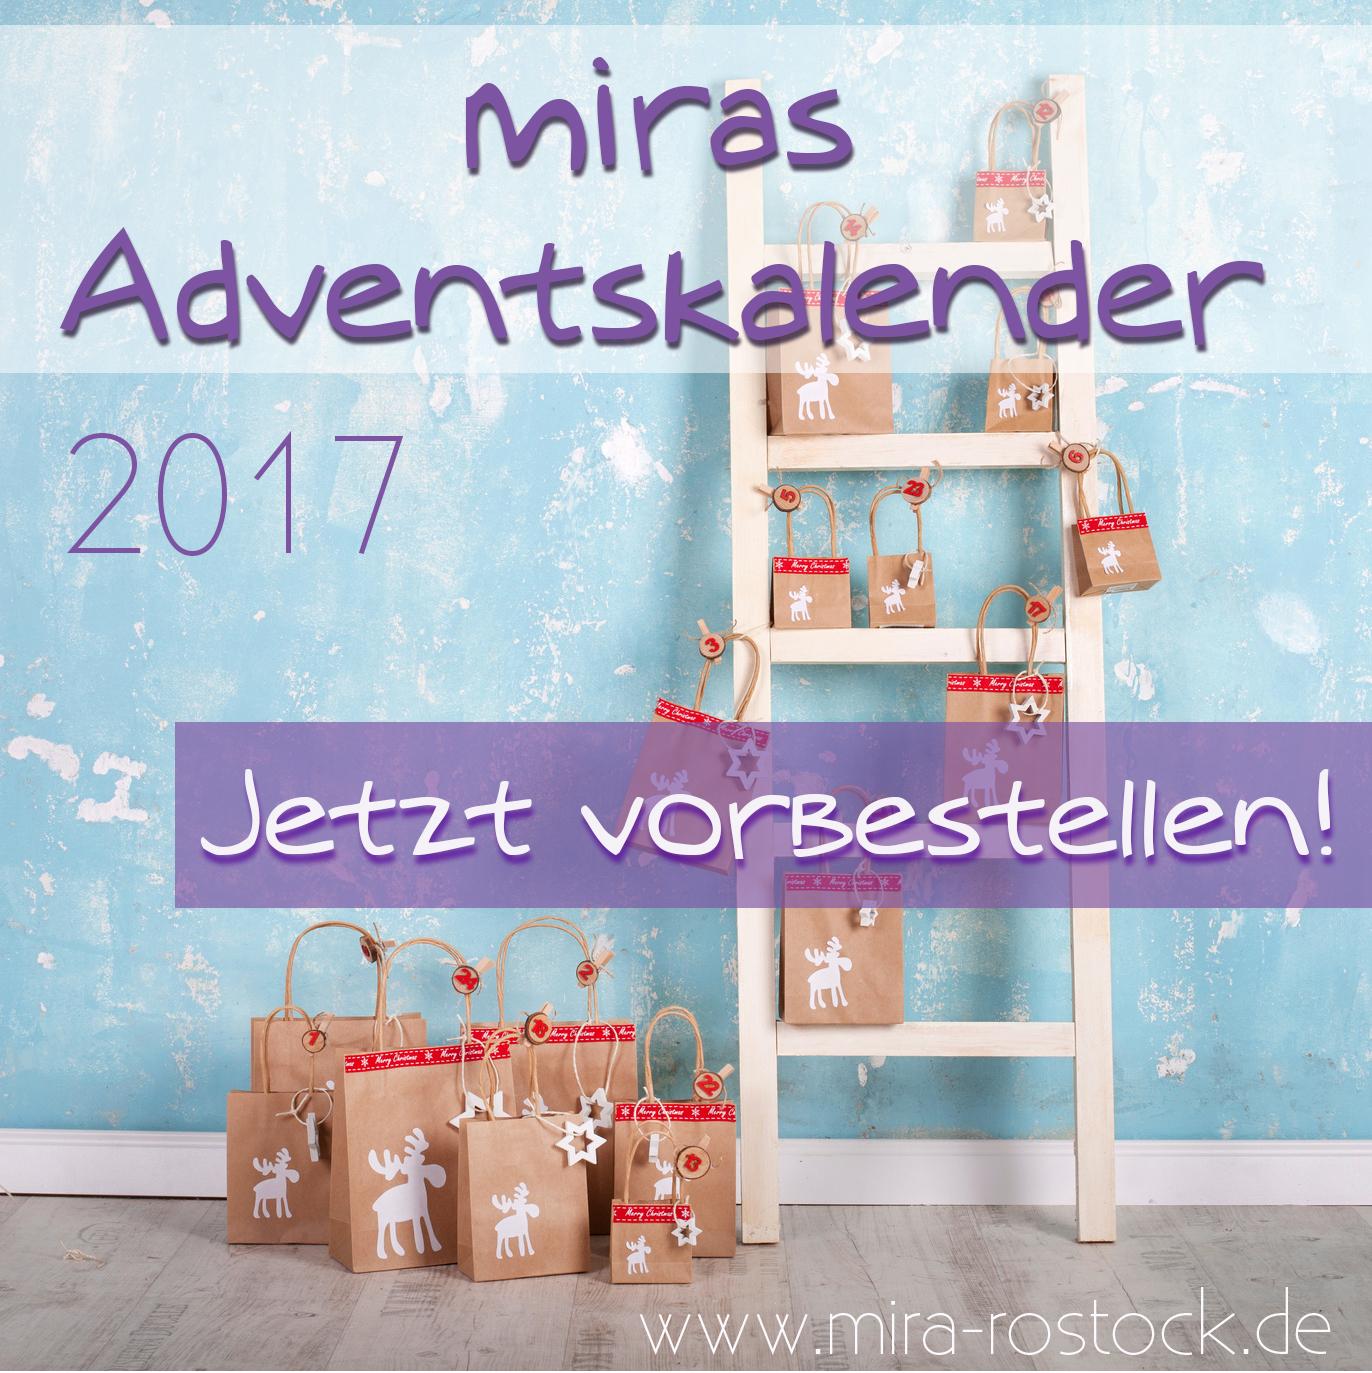 miras Adventskalender 2017 jetzt vorbestellen! 2